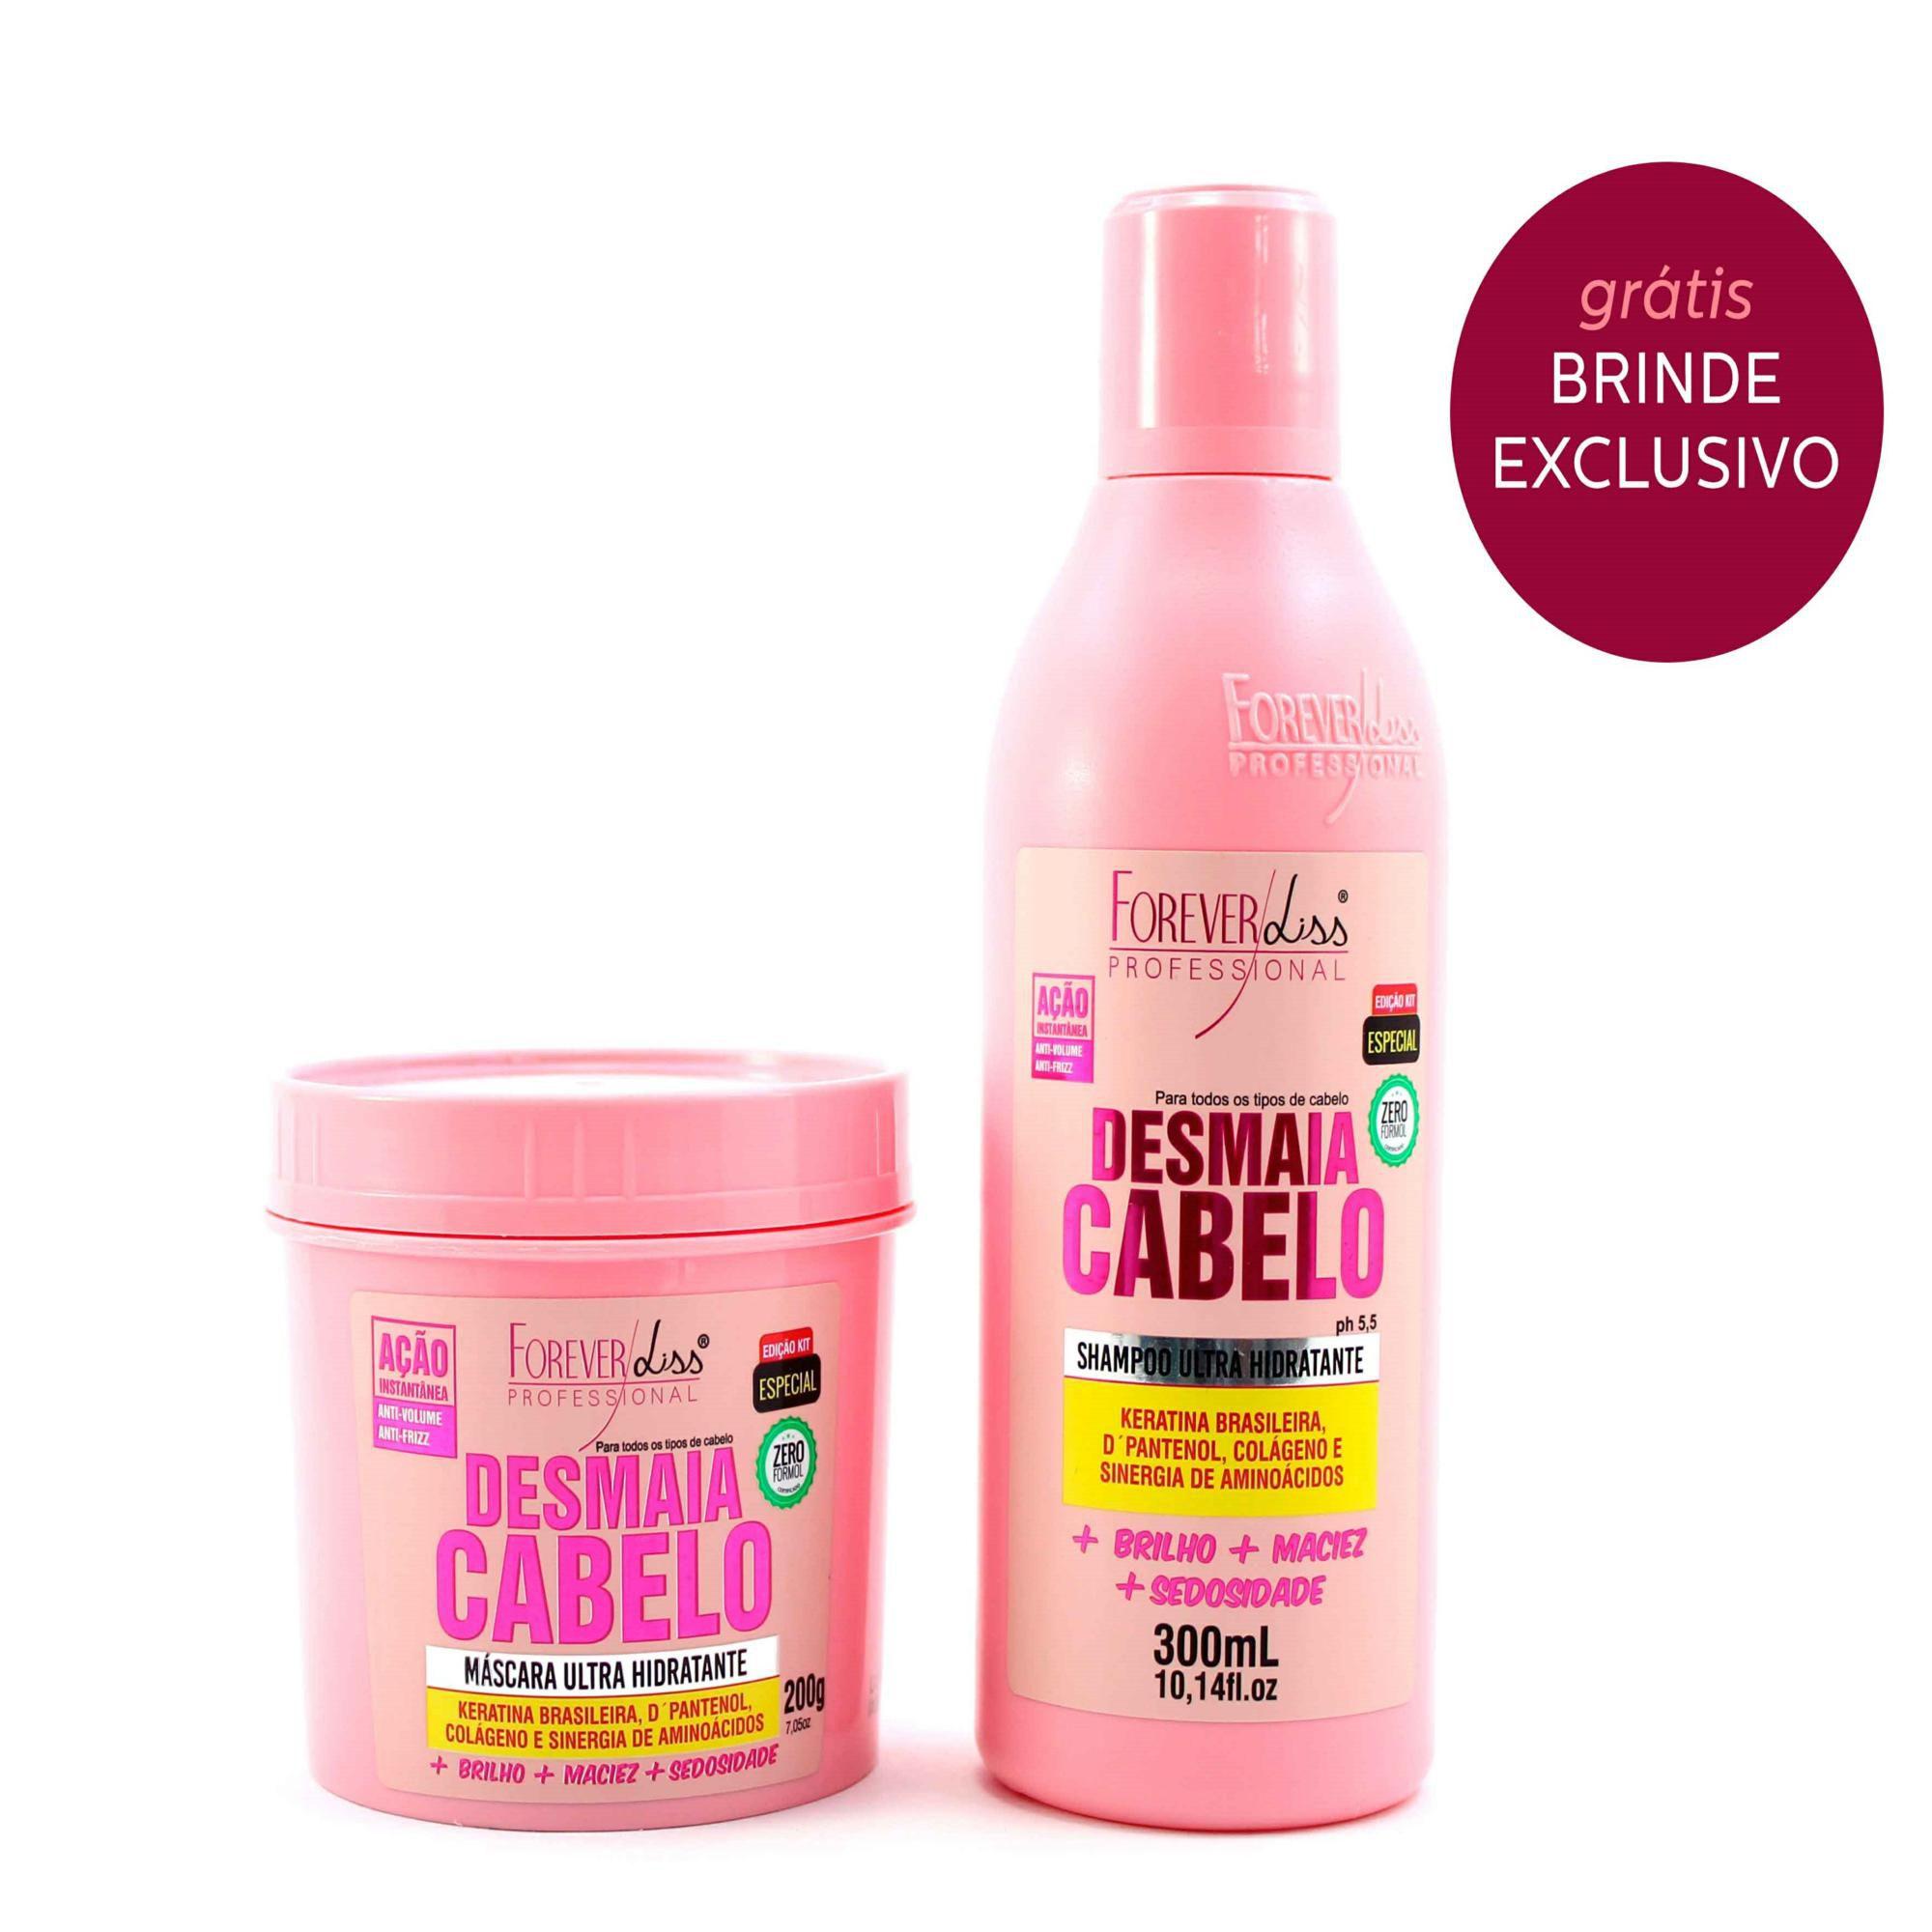 Forever Liss - Kit Desmaia Cabelo Shampoo 300ml + Máscara 200g